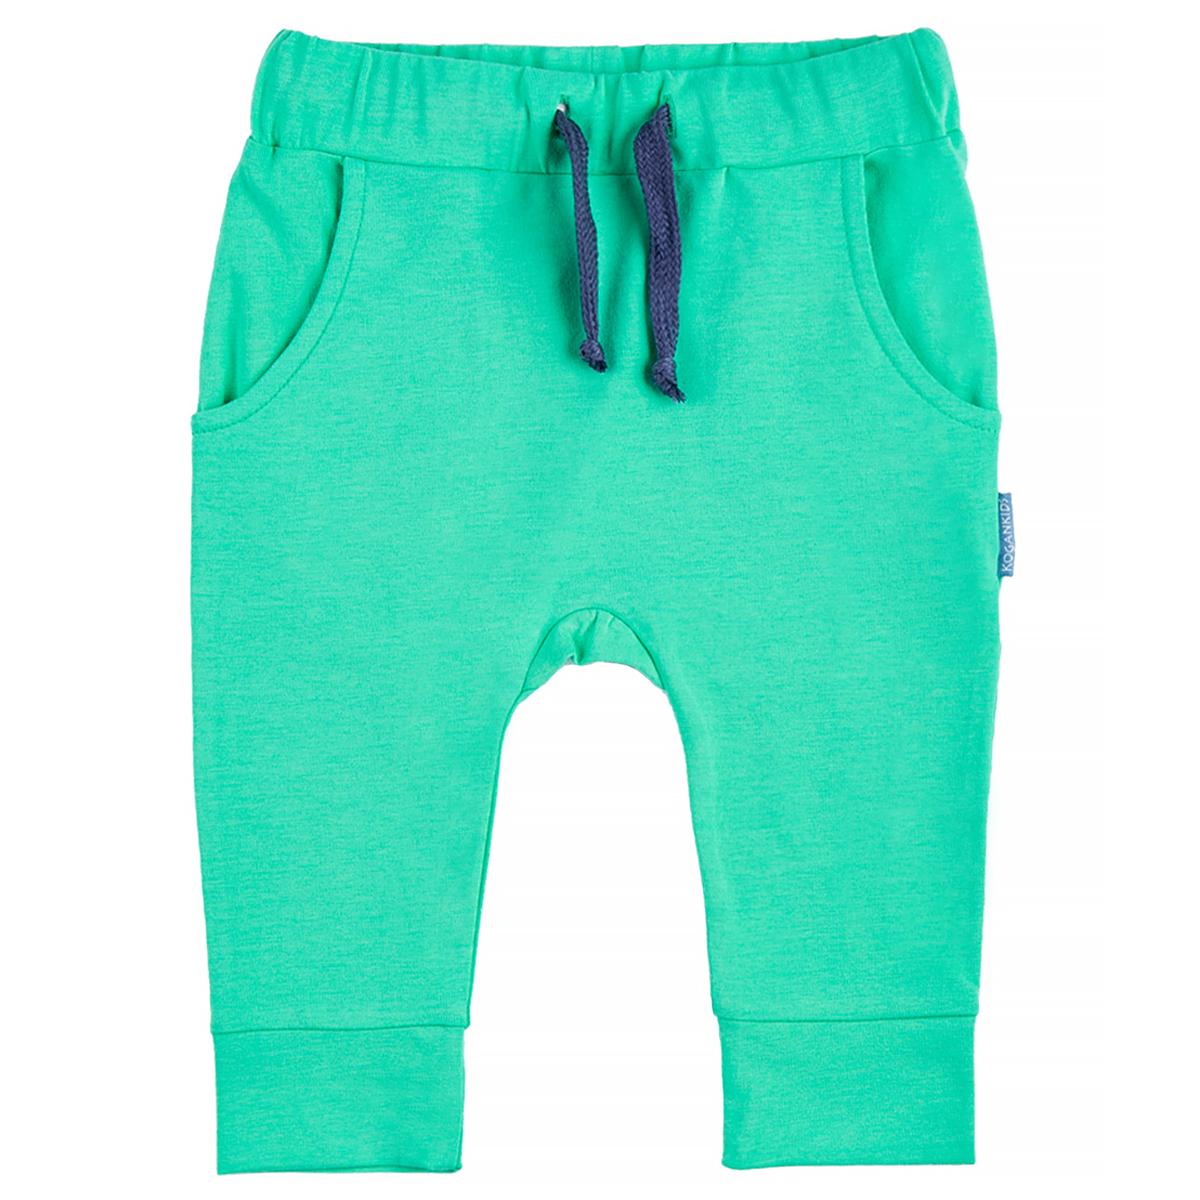 Бриджи KogankidsБрюки для мальчика. Модель имеет боковые и задние карманы. Пояс со шнурком, по низу - манжеты. Модное  конструктивное решение обеспечивает свободу движения.<br>Размер: 116, 122, 128, 80, 92; Цвет: Зелёный;